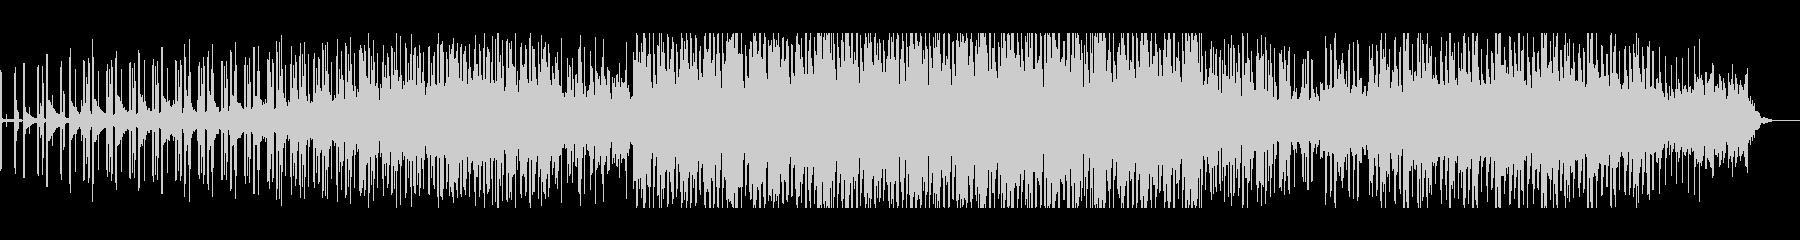 重厚でスローテンポなエレクトロニカの未再生の波形